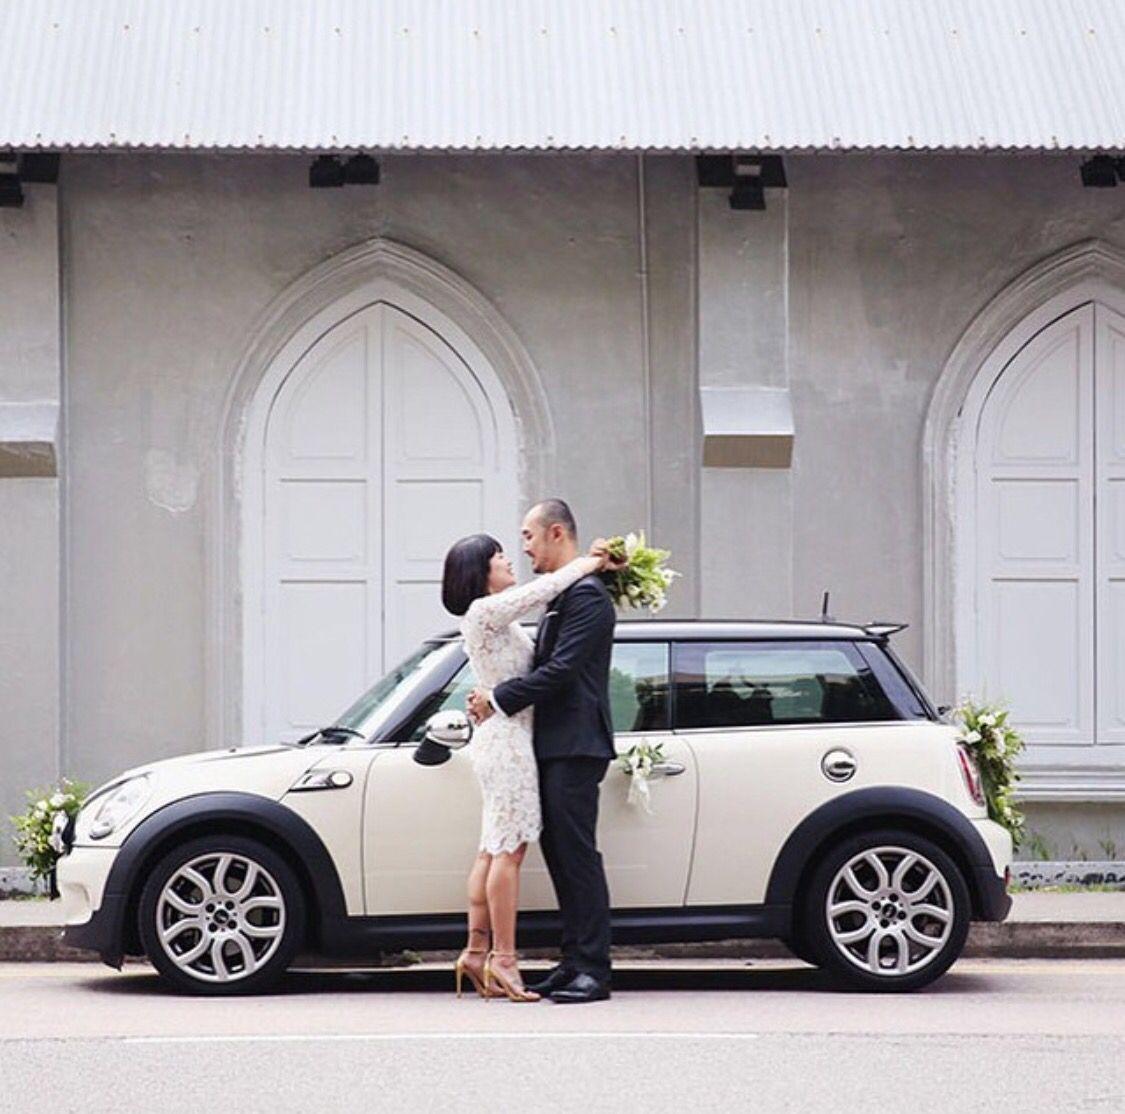 Mini Cooper Wedding Car Wedding Car Bridal Car Car Decor